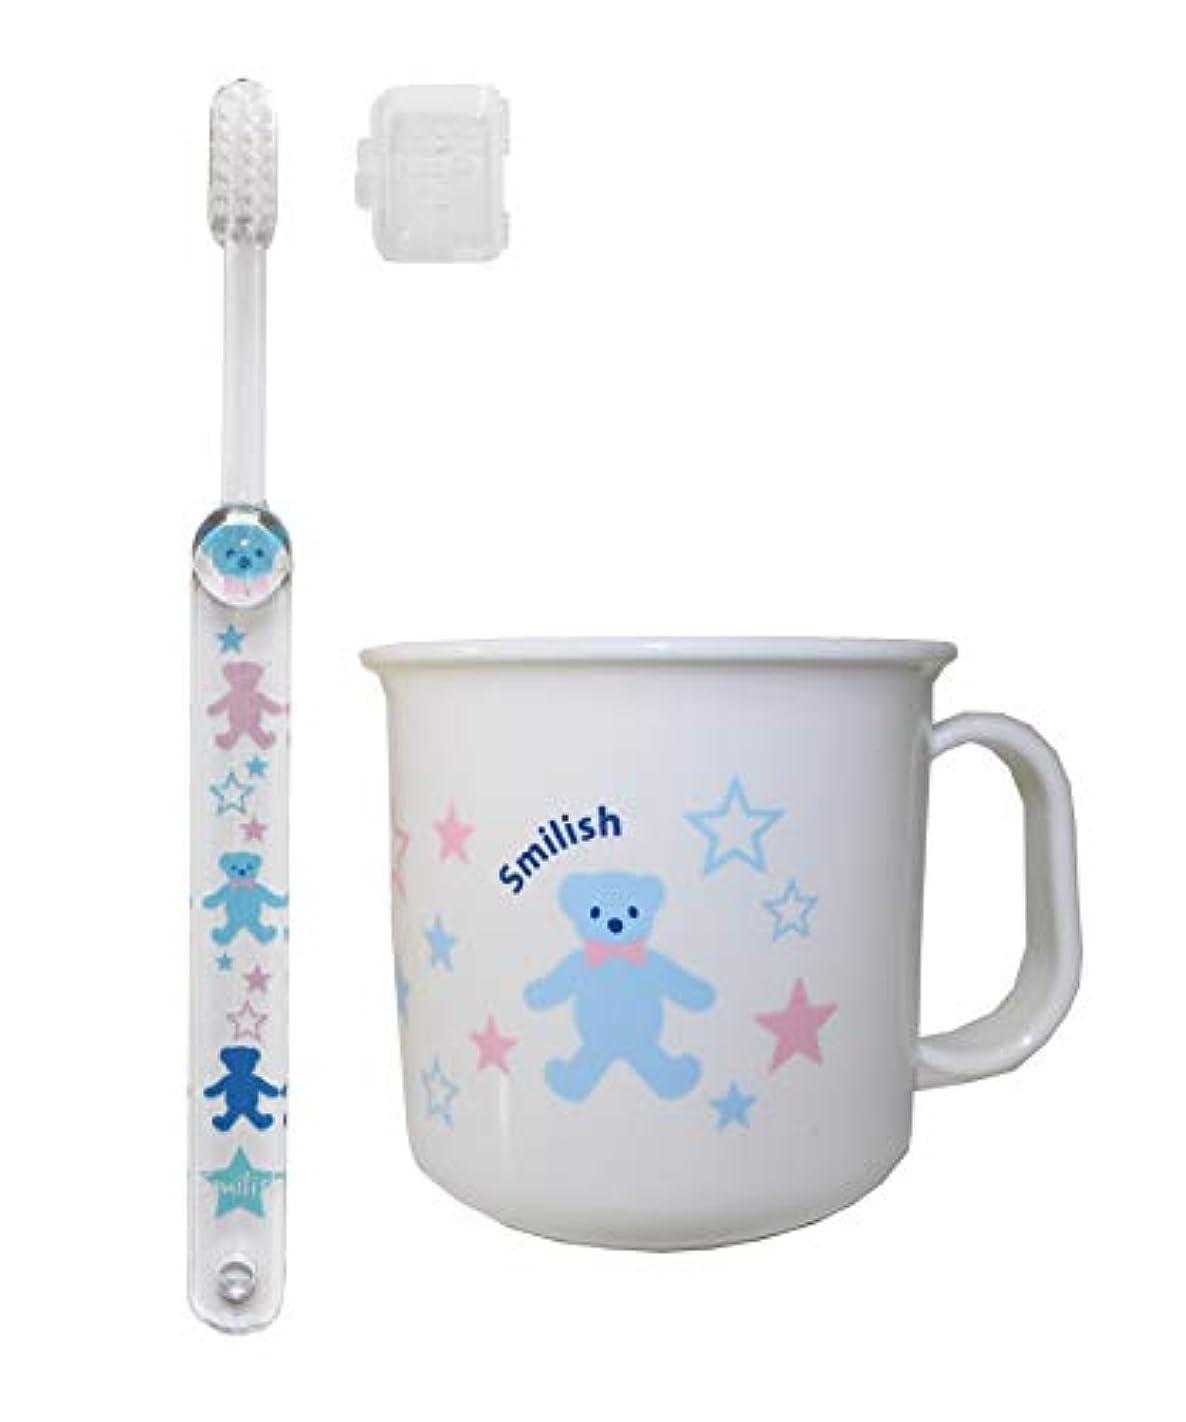 二度絶対に発生する子ども歯ブラシ(キャップ付き) 耐熱コップセット ABCくま柄